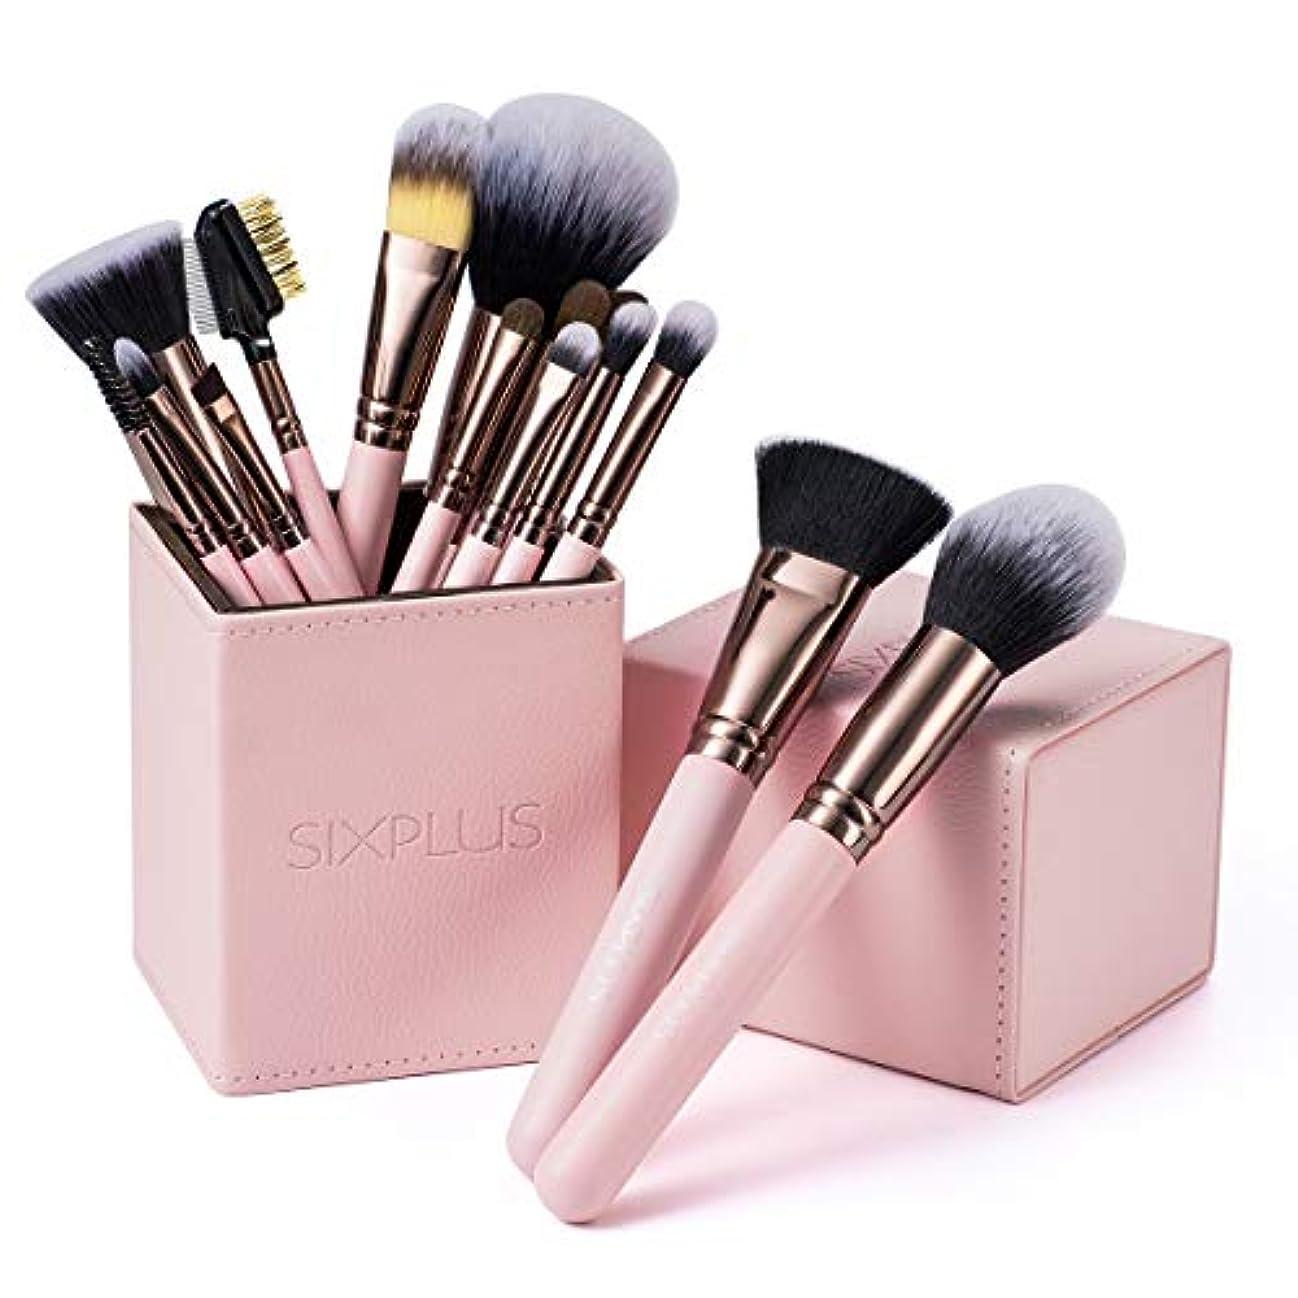 SIXPLUS ロマンチックなピンク色 メイクブラシ 15本セット(ピンク色)